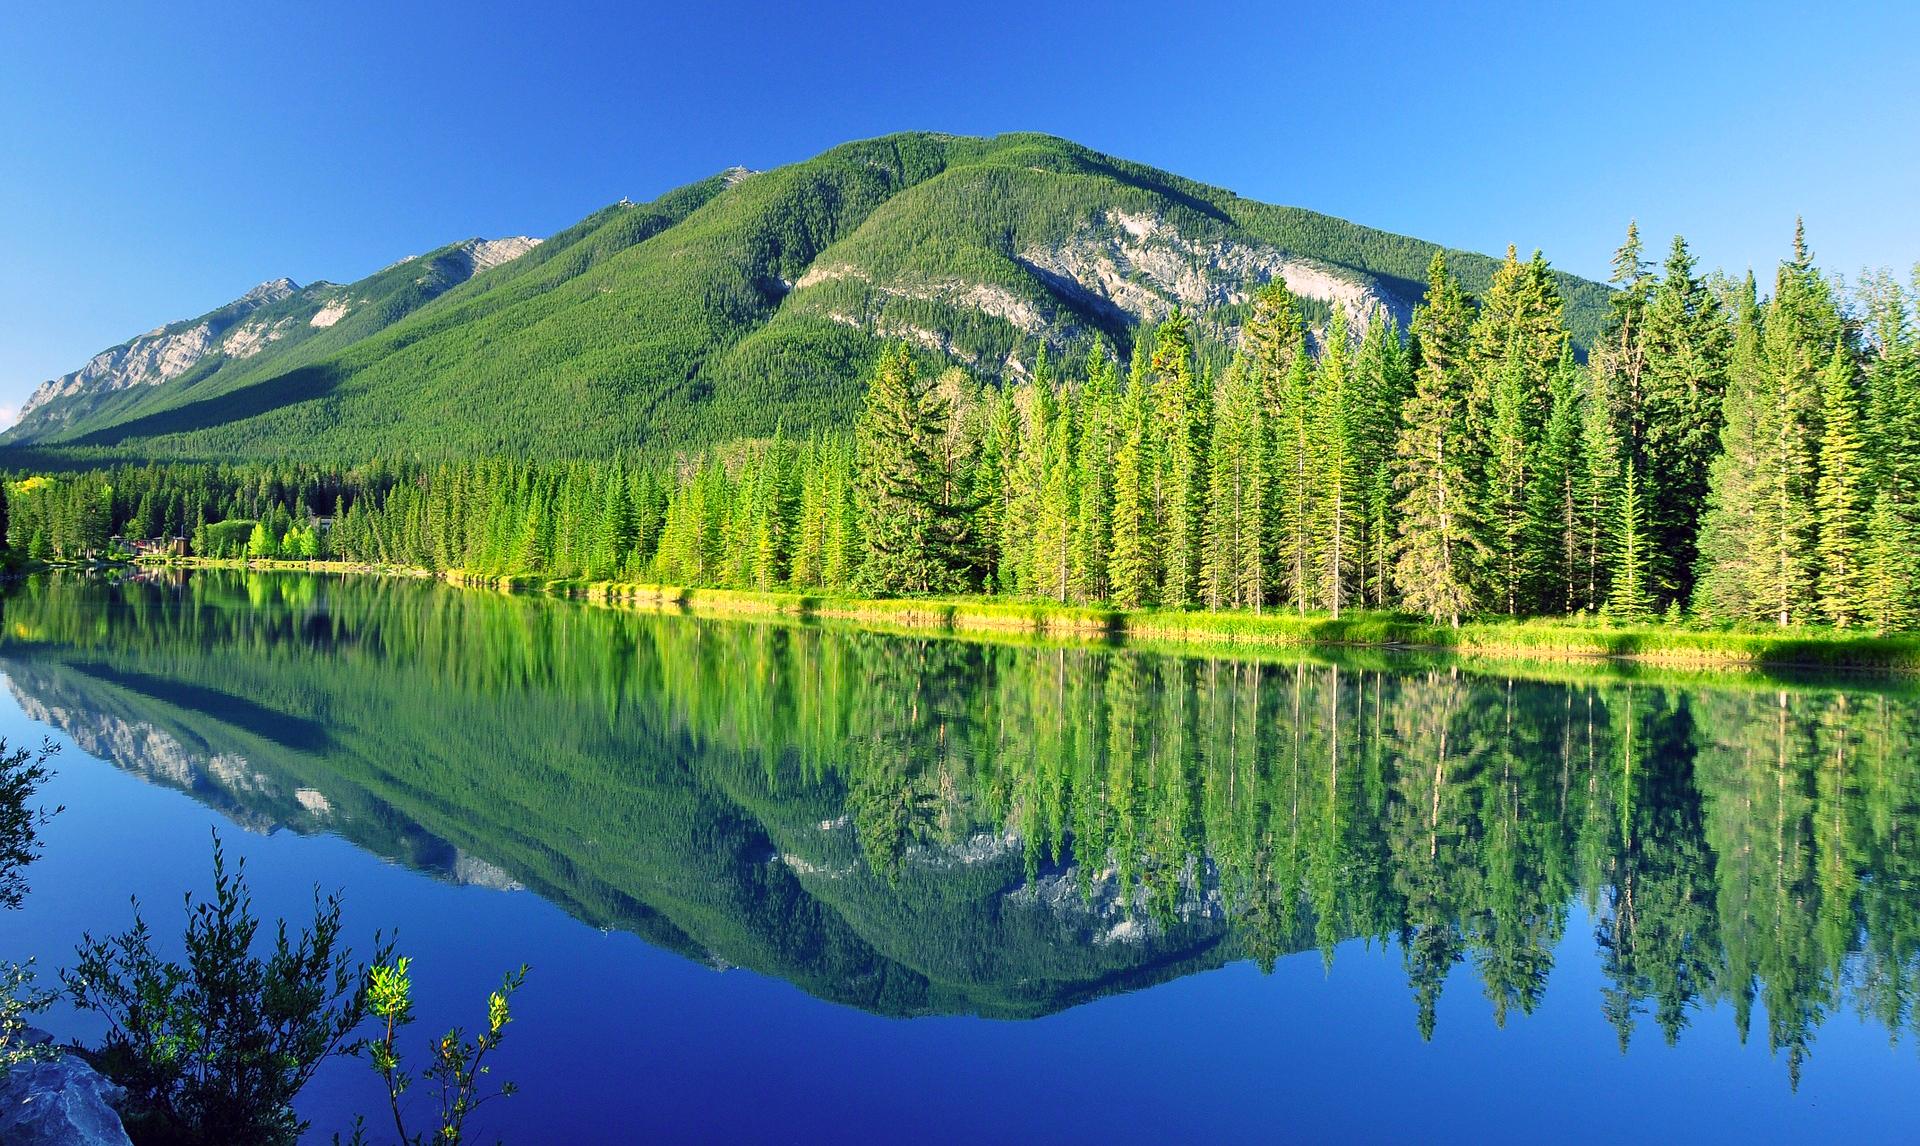 Guía de viajes a Canada, Visa a Canadá, Visado a Canadá canadá - 32354104955 985c16c380 o - Guía de viajes y visa para Canadá